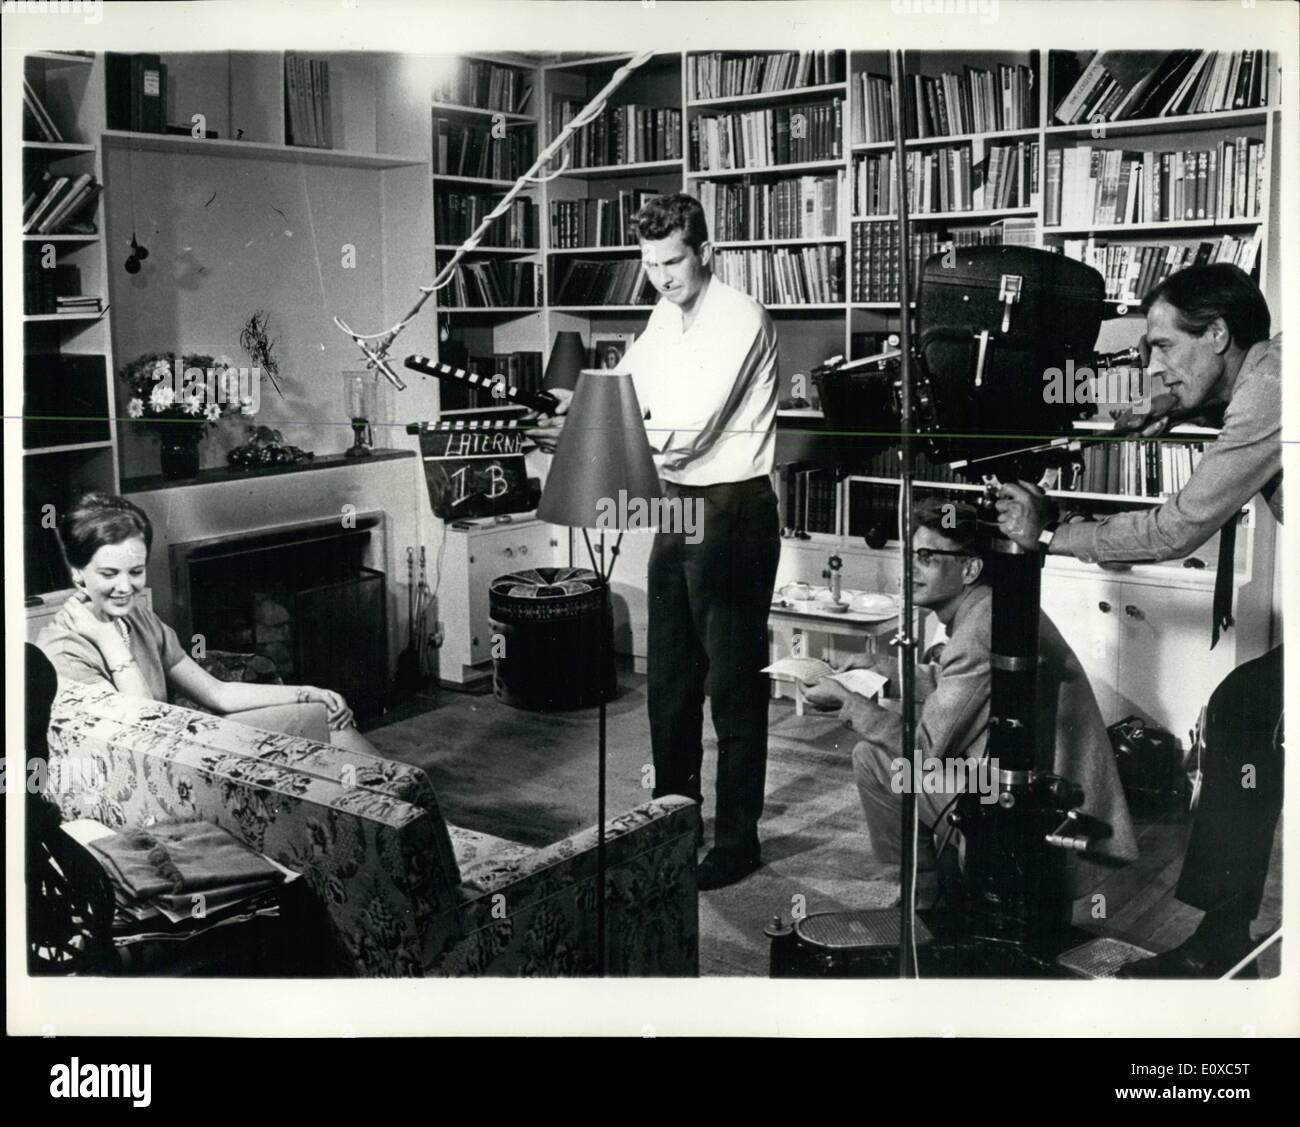 Febrero 02, 1966 - La Princesa Margarita de Dinamarca dará resumen en la exhibición de su película de gira latinoamericana.: un color película retrata el viaje realizado a comienzos de este año por la heredera al trono danés, la Princesa Margethe para América Latina, tendrá su primera exhibición en Copenhague el 8 de septiembre. En una introducción a la película, la Princesa dará un breve resumen de sus impresiones de la hora, el rodaje de la película que tuvo lugar en su residencia privada en Palacio Amelienborg, en Copenhague, bajo el productor danés Claus Toksvig Imagen De Stock